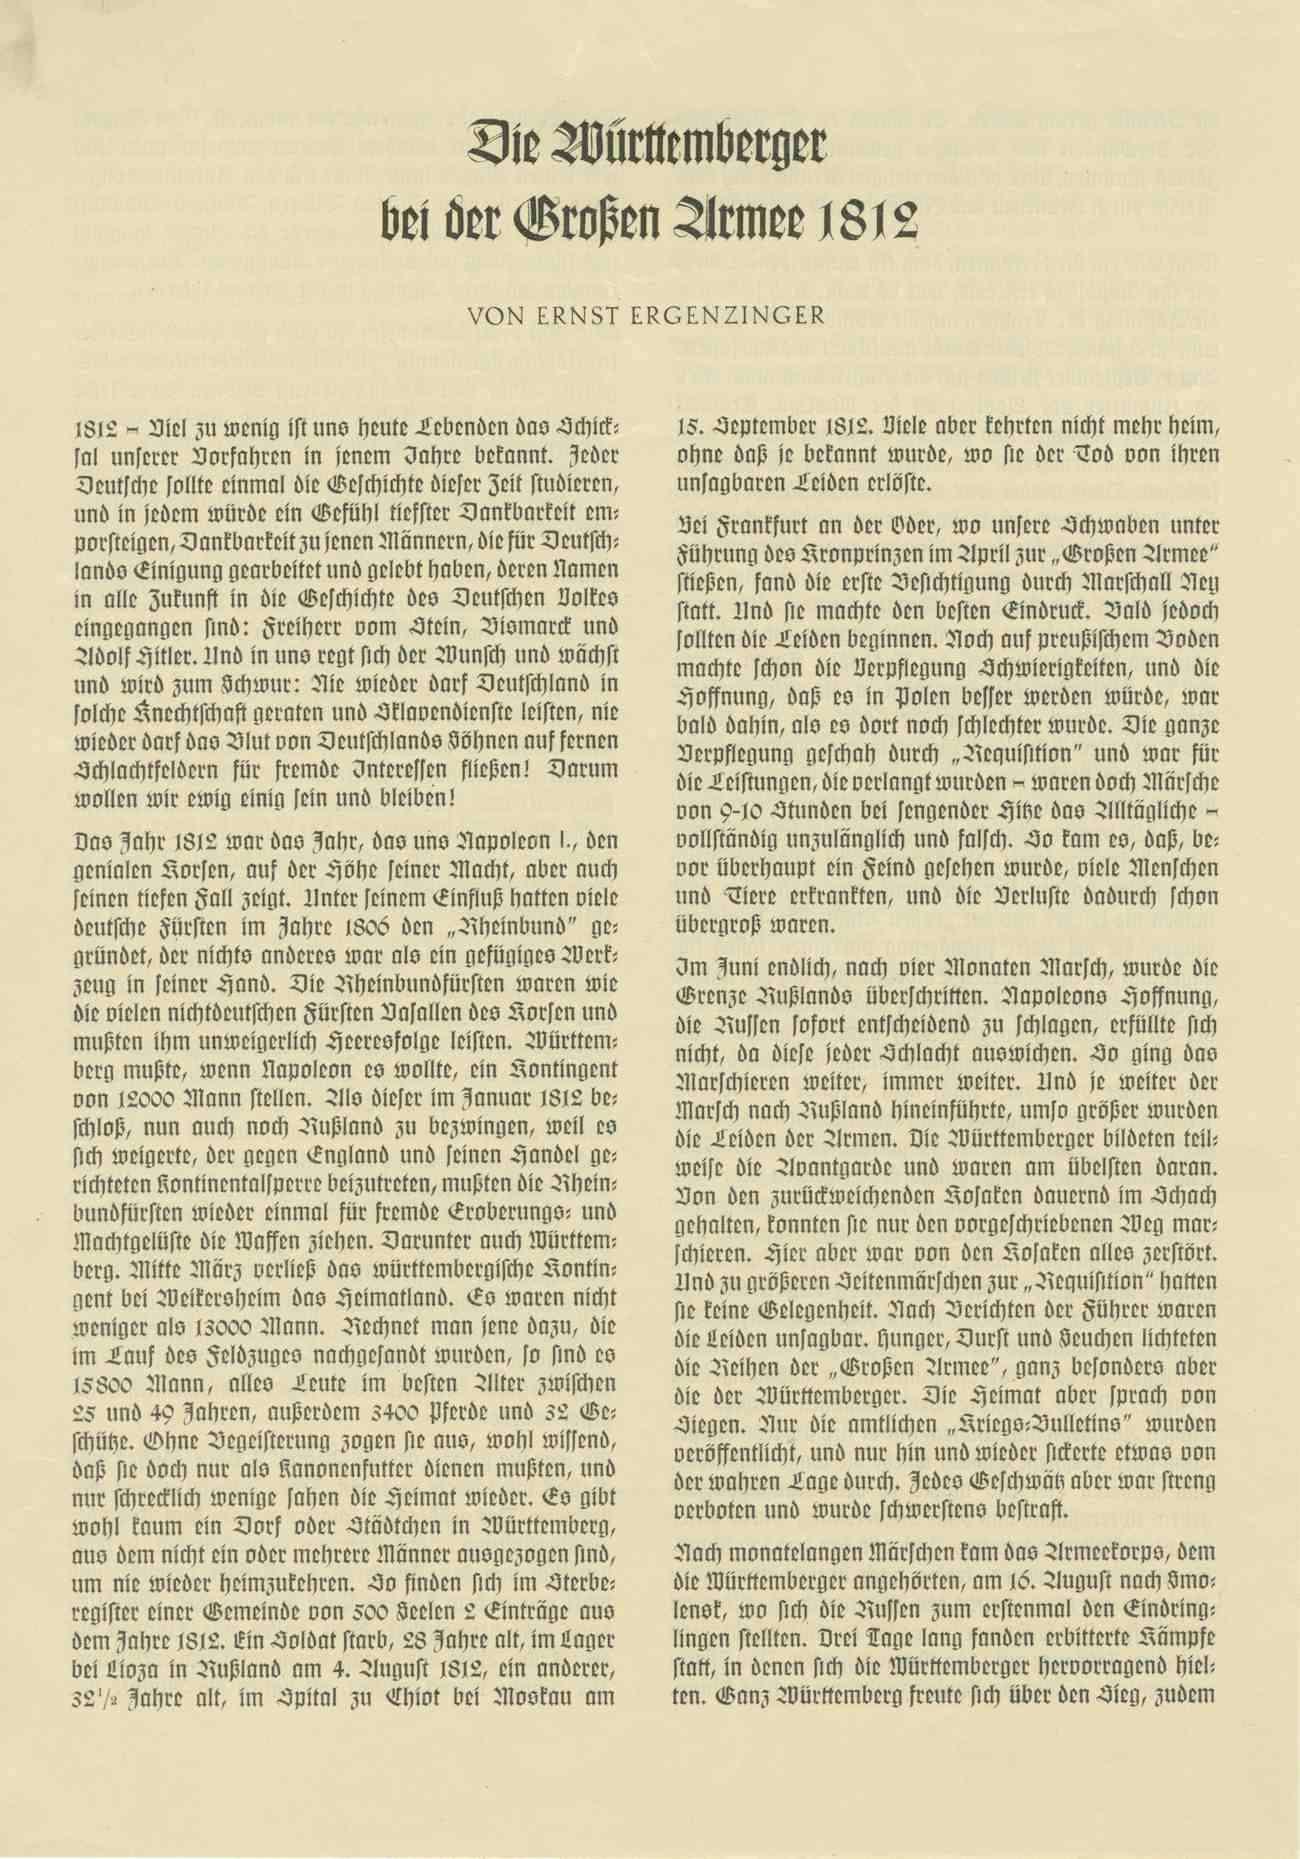 Truppen der Grande Armée Kaiser Napoleons I. überqueren auf ihrem Rückzug aus Russland die Beresina vom 26.-29.11.1812: Geschützgespanne, Infanterie und Kavallerie in dichtem Gedränge auf Pionierbrücke, Verluste bei Sturz in eisiges Wasser, Bild 2